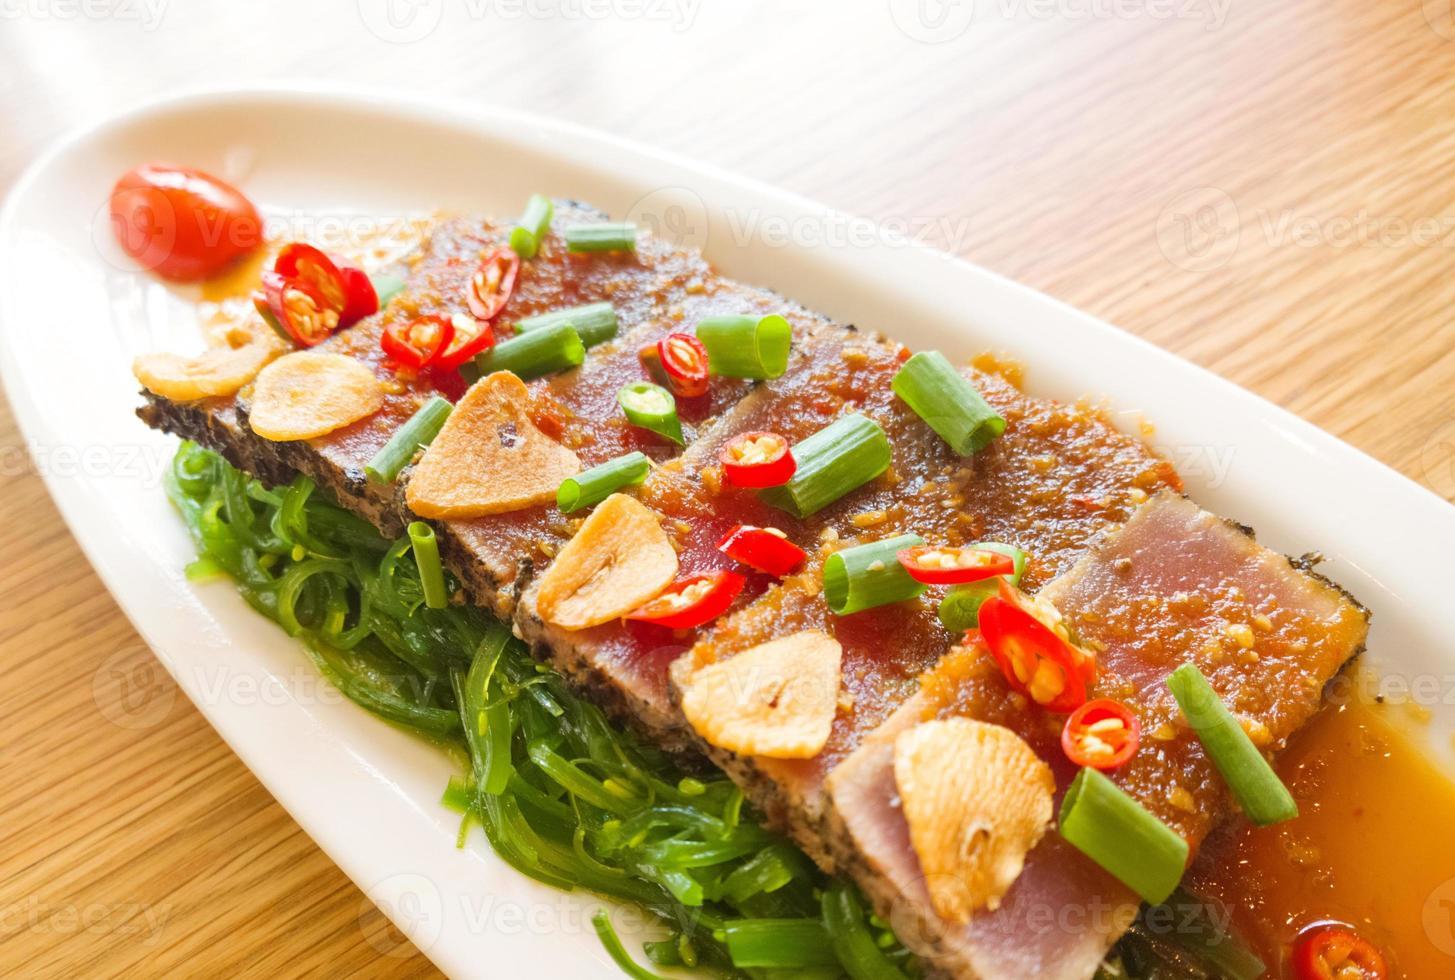 Rauch Thunfisch würzig mit Salatfries auf Holztisch foto